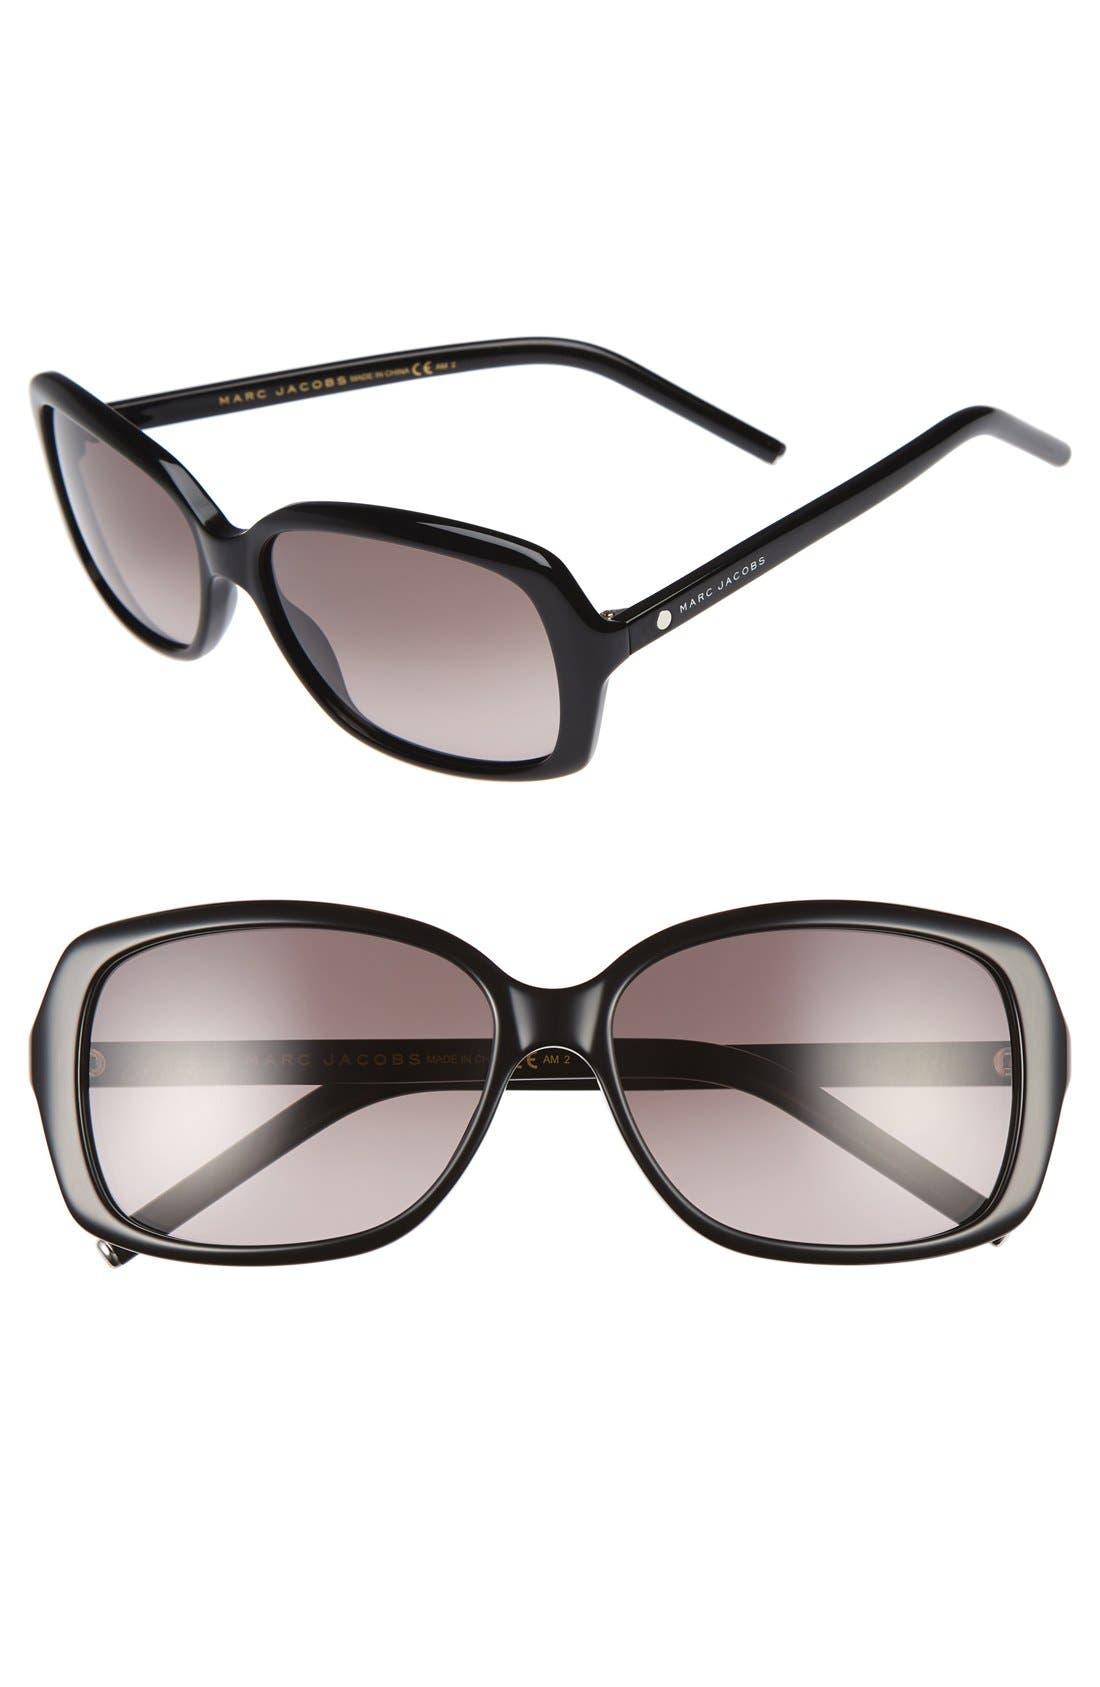 MARC JACOBS 57mm Sunglasses,                         Main,                         color, Black